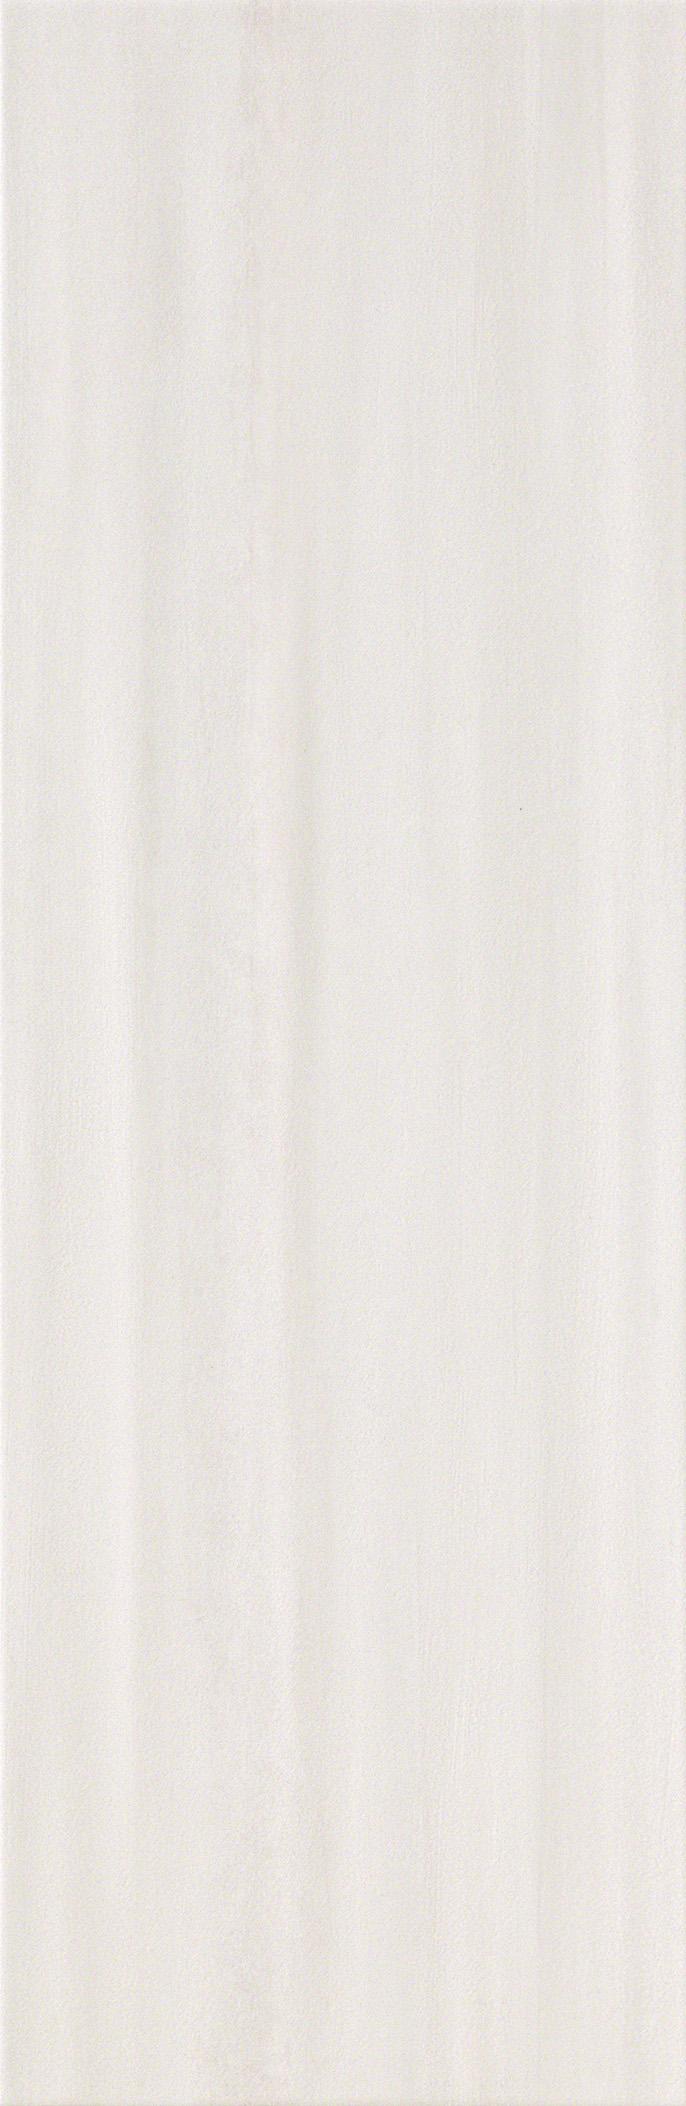 Настенная плитка FAP Ceramiche SOLE +14330 Bianco настенная плитка impronta ceramiche square wall bianco 25x75